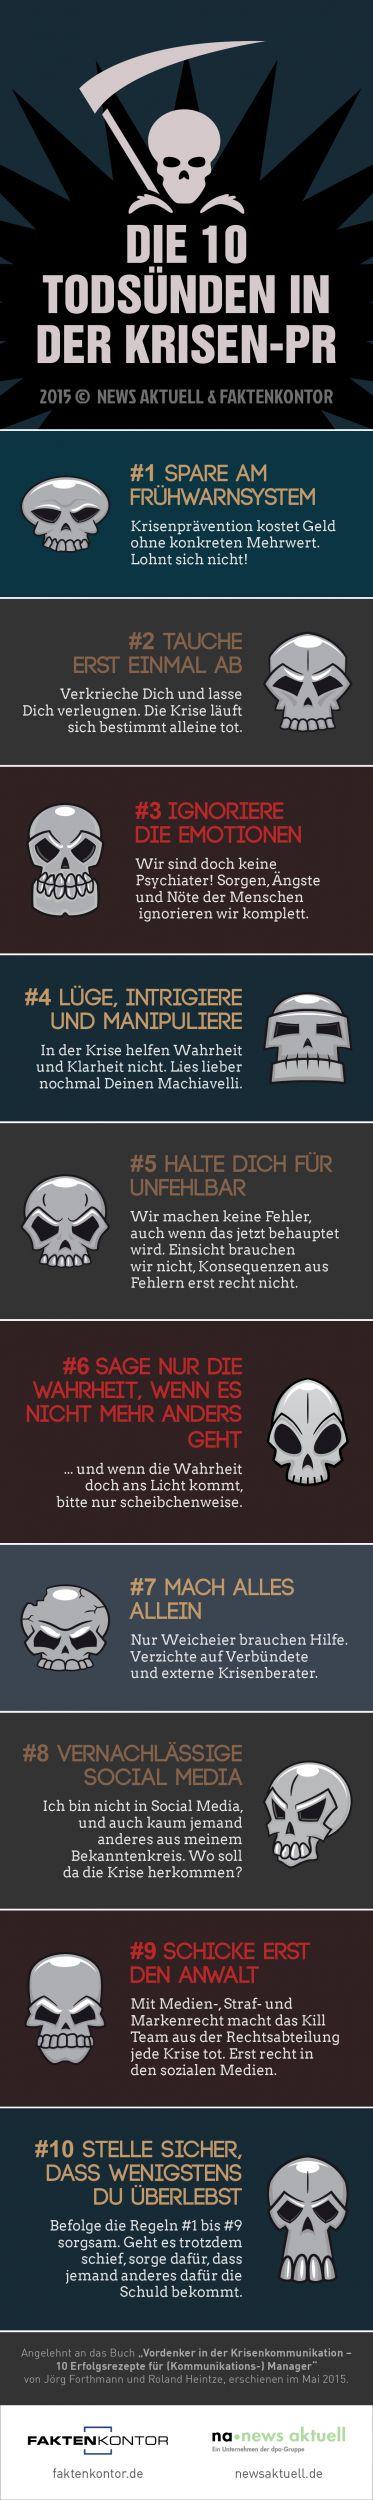 Die 10 Todsünden in der Krisen-PR   Infographics   Pinterest ...